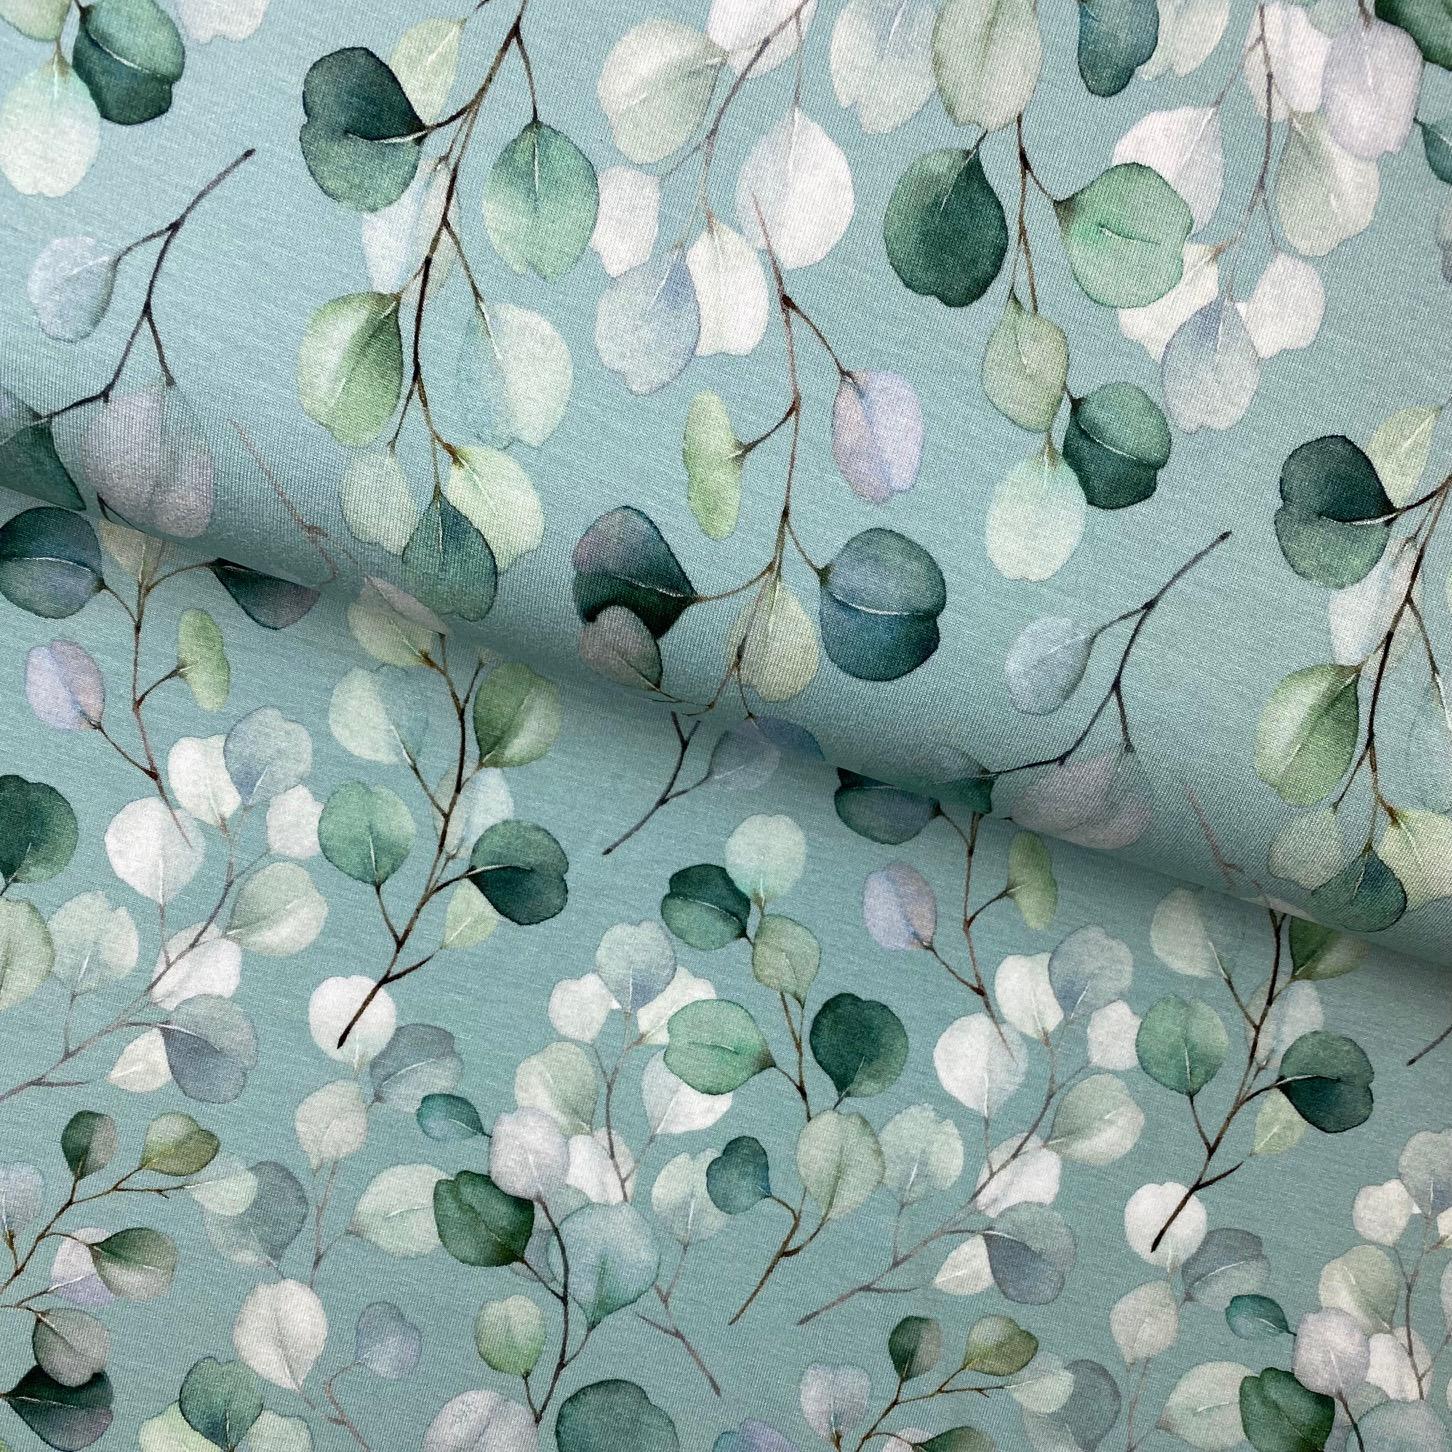 Viskosenjersey, Digital Druck, Eukalyptusblätter, mint.  Art. 4867/426